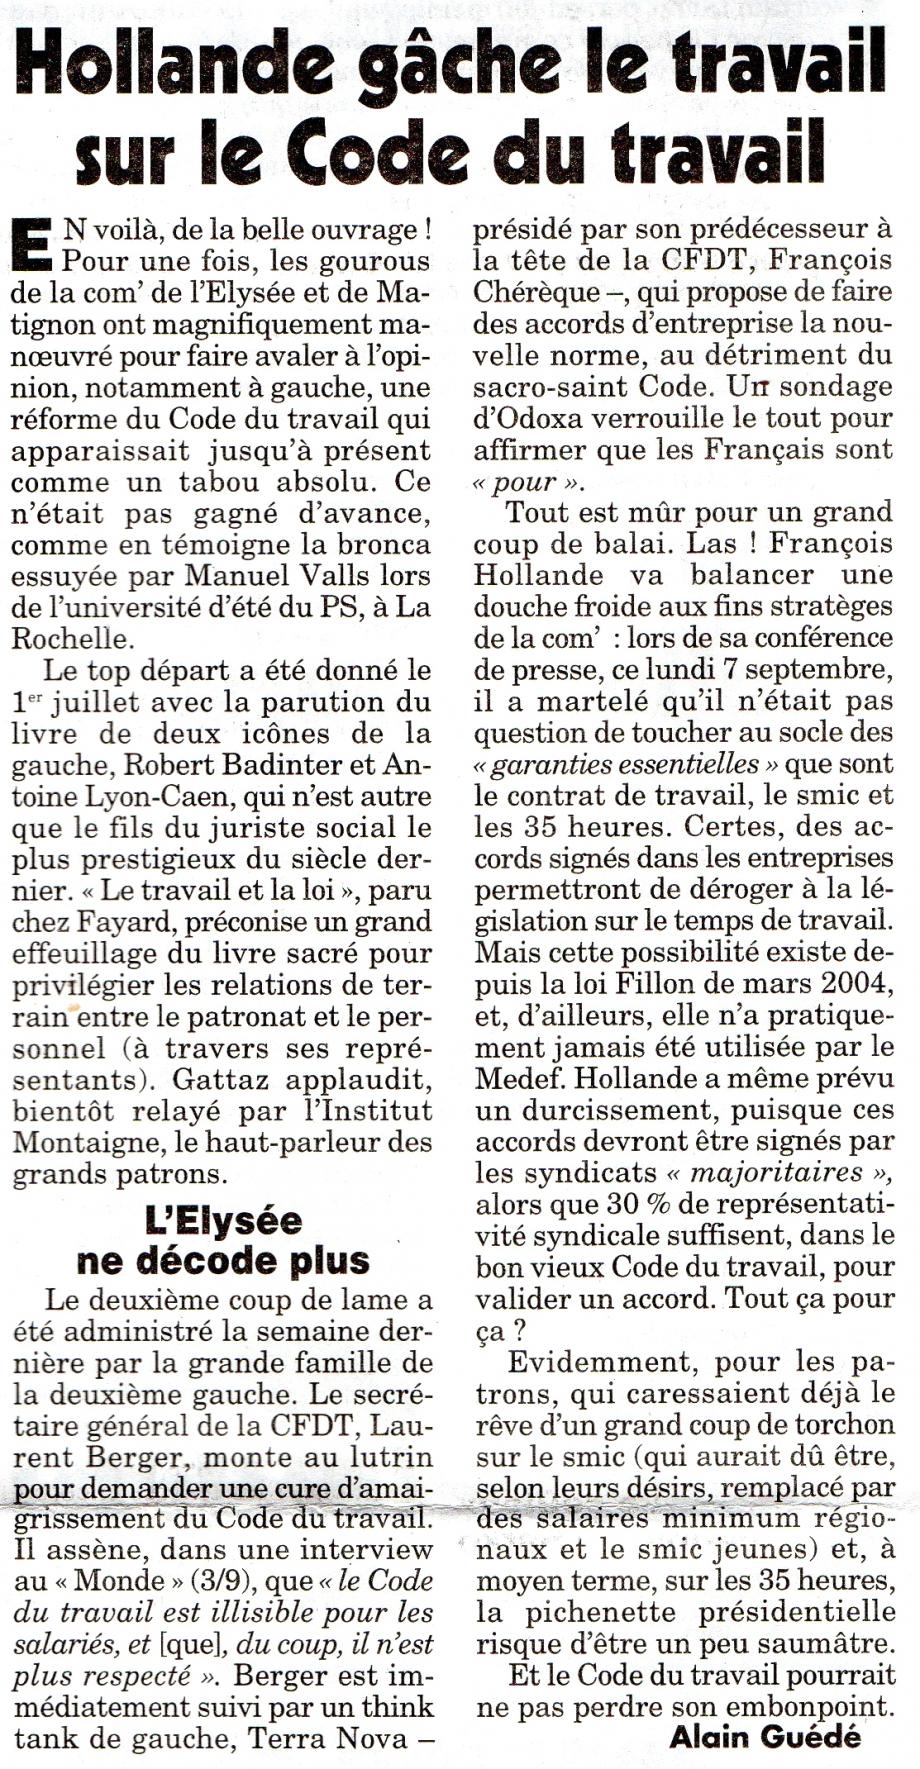 Hollande gâche le travail sur le code du travail.jpg